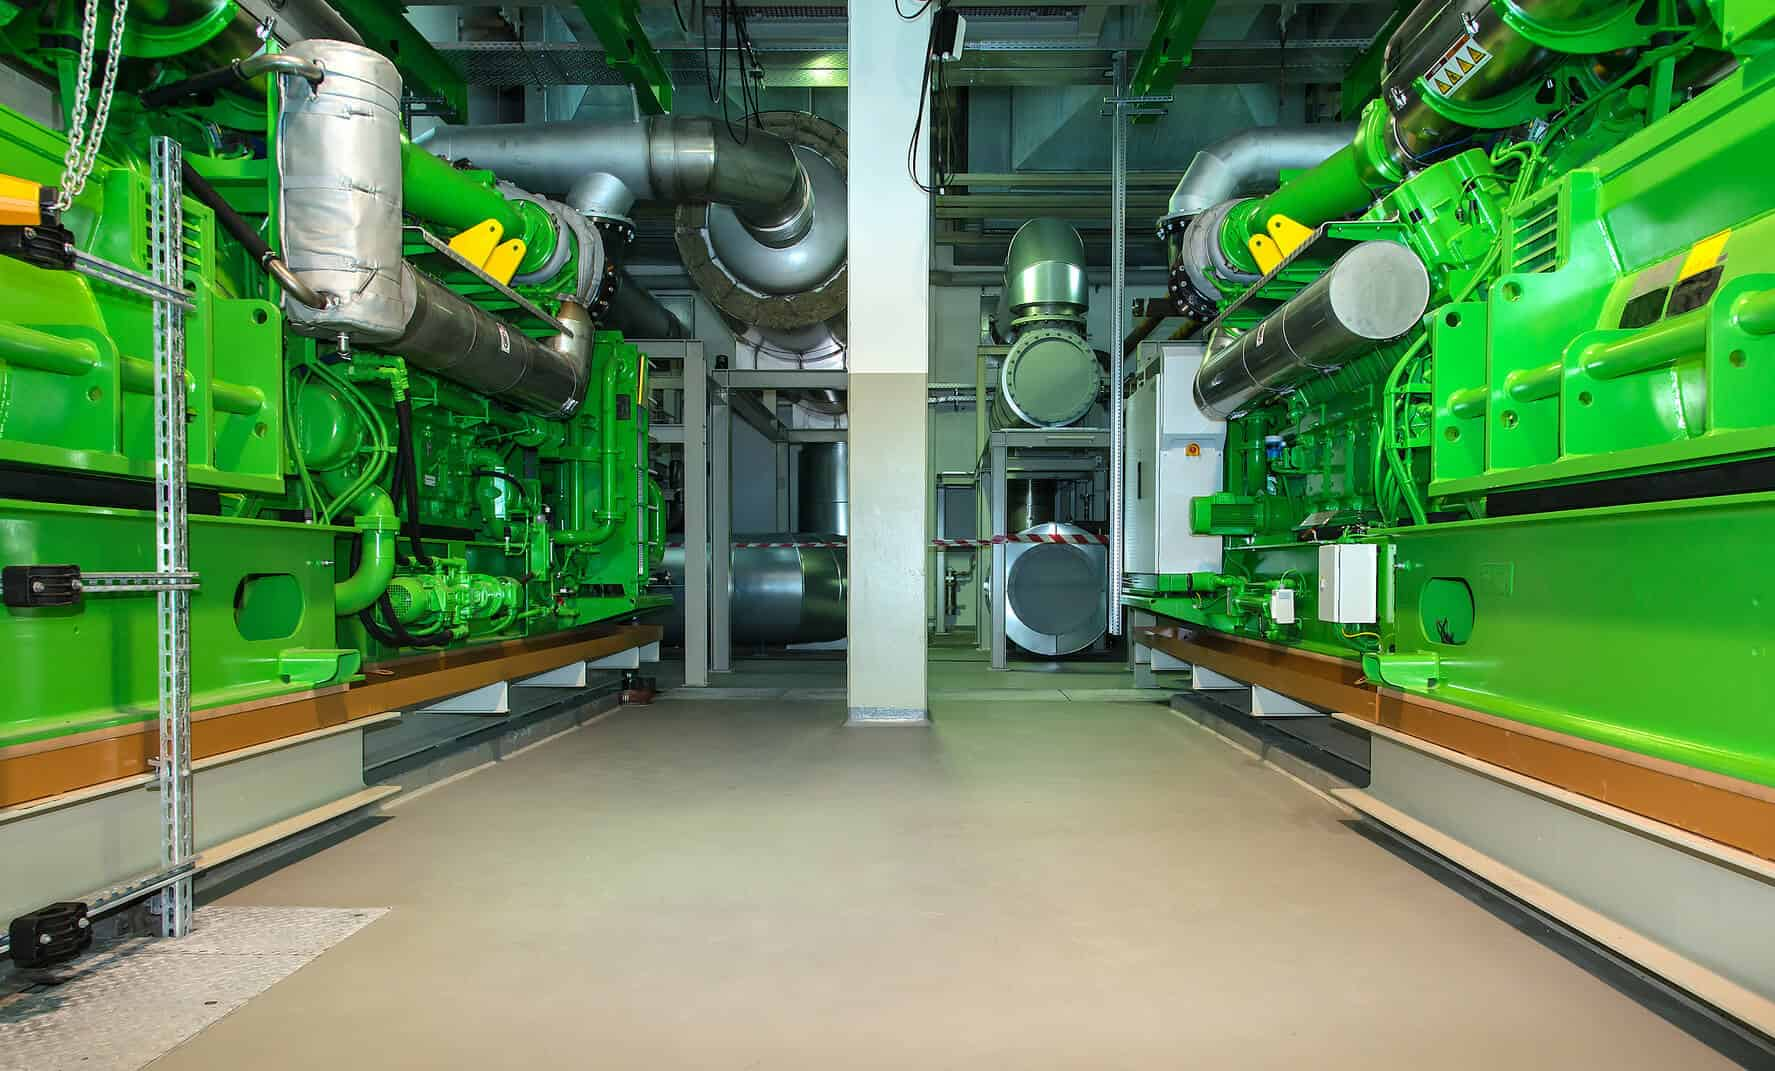 Welche Mehrerlöse sind mit Ihrer Biogasanlage in Zukunft möglich?